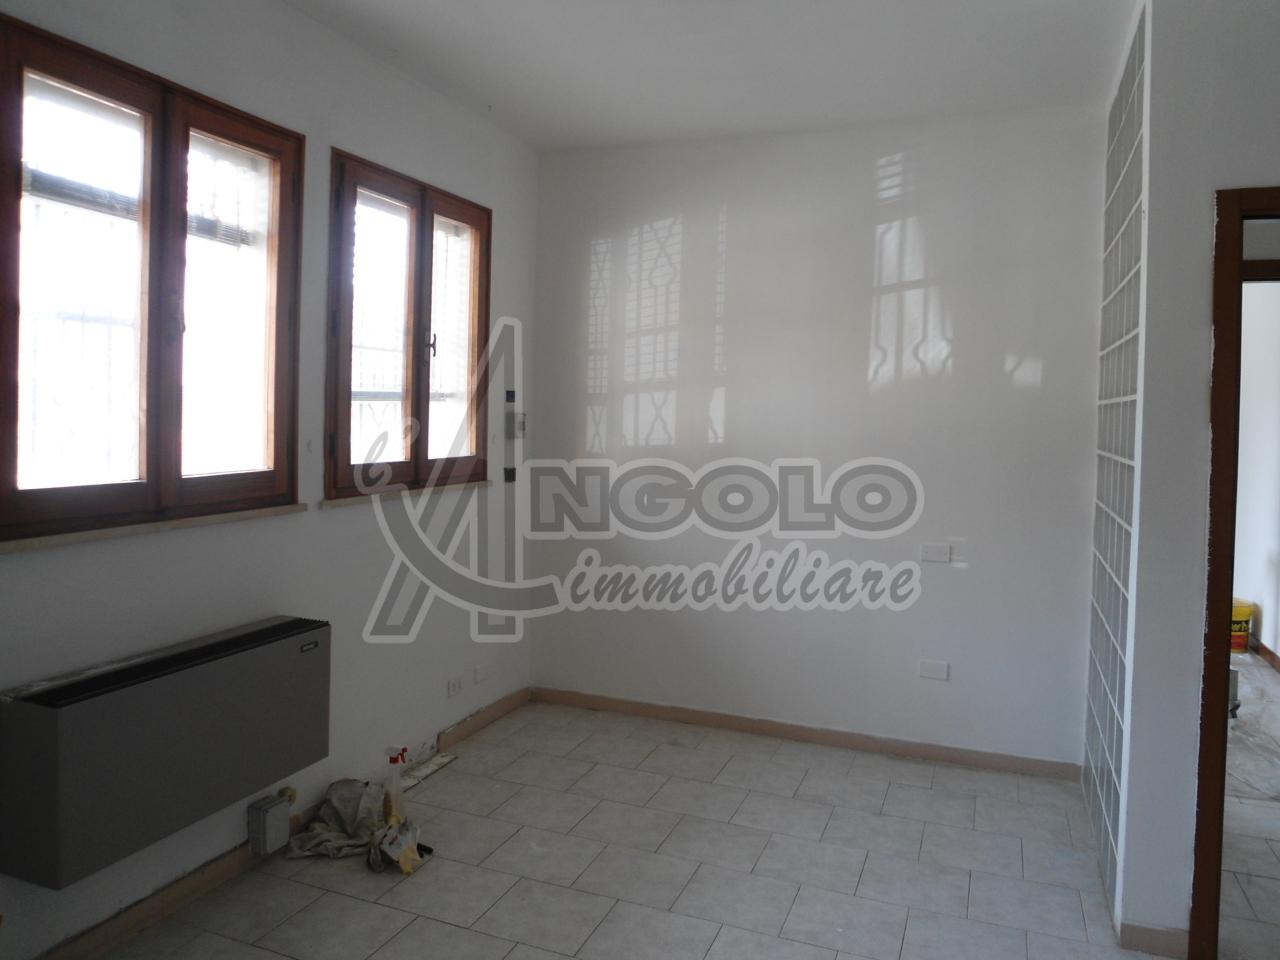 Ufficio / Studio in affitto a Occhiobello, 2 locali, prezzo € 380 | Cambio Casa.it